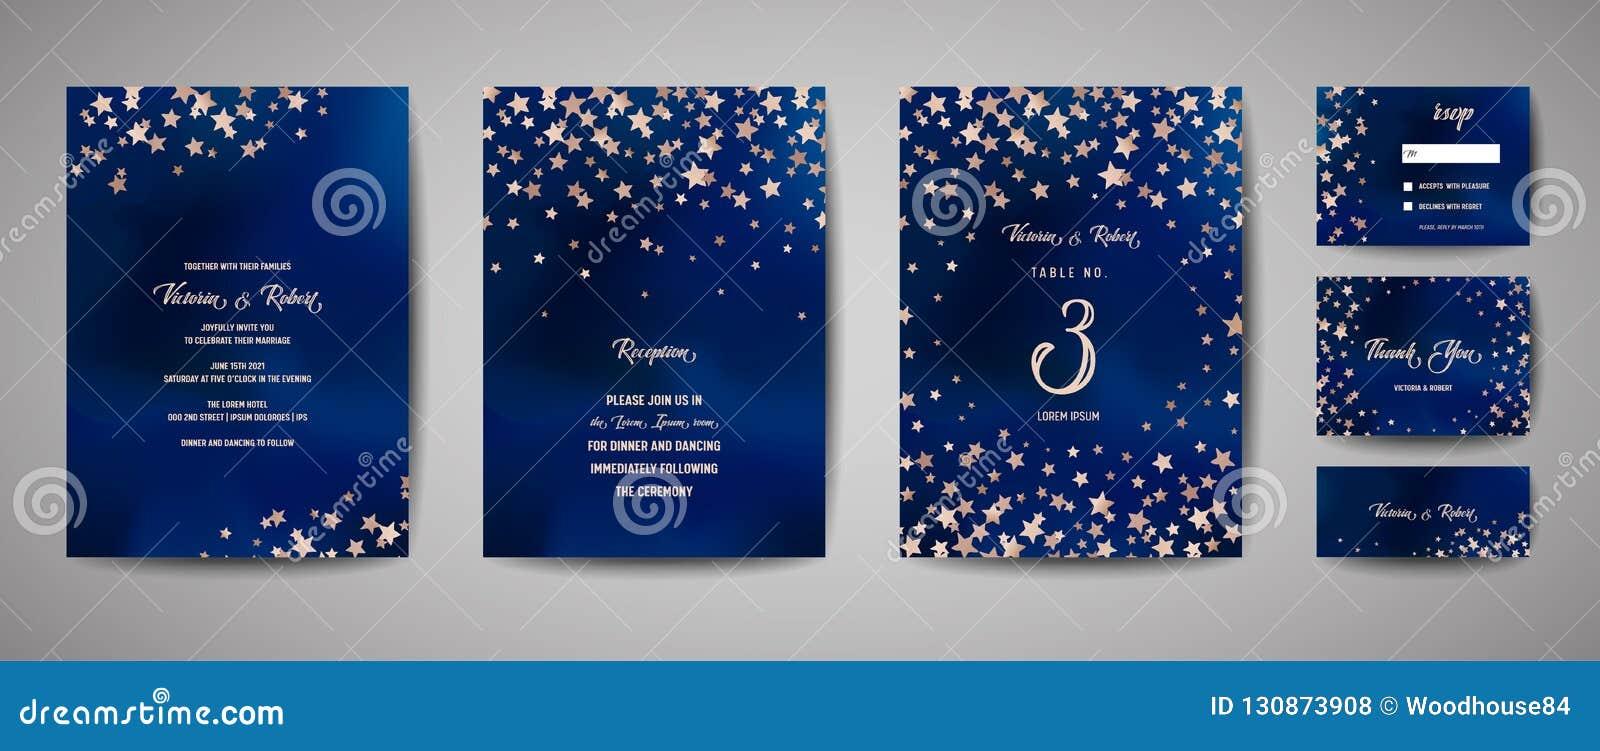 Oprócz daktylowej wektorowej ilustracji z nocy gwiaździstym niebem, przyjęcia weselnego gwiazdowy niebiański